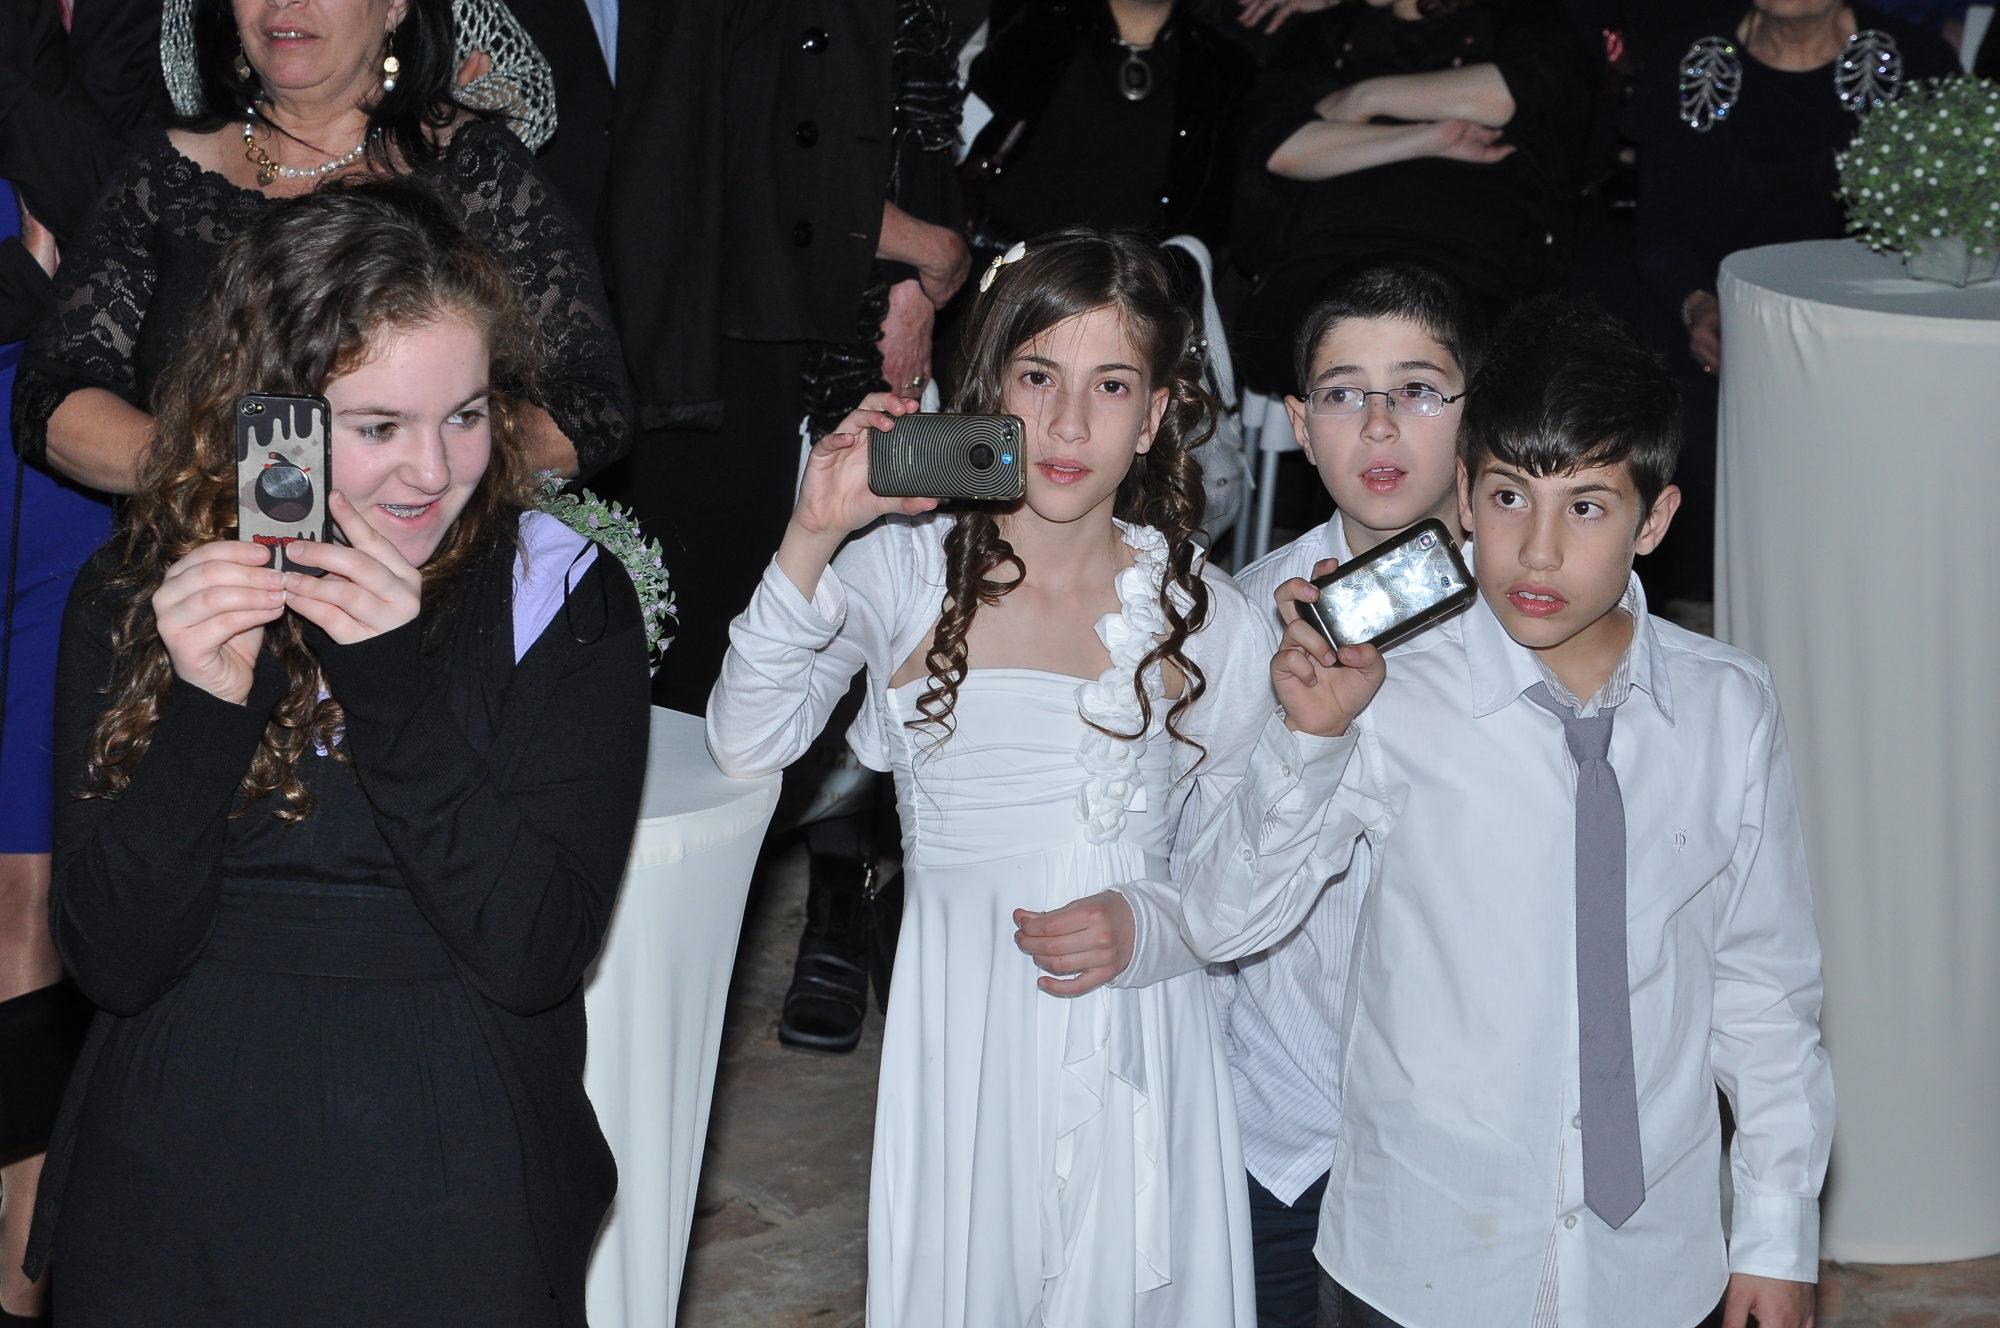 שם השולח: ניסן יהודה. שלושה אחיינים שלי ושל אישתי בחופה שלנו, תמונה בולטת בתמונות החתונה